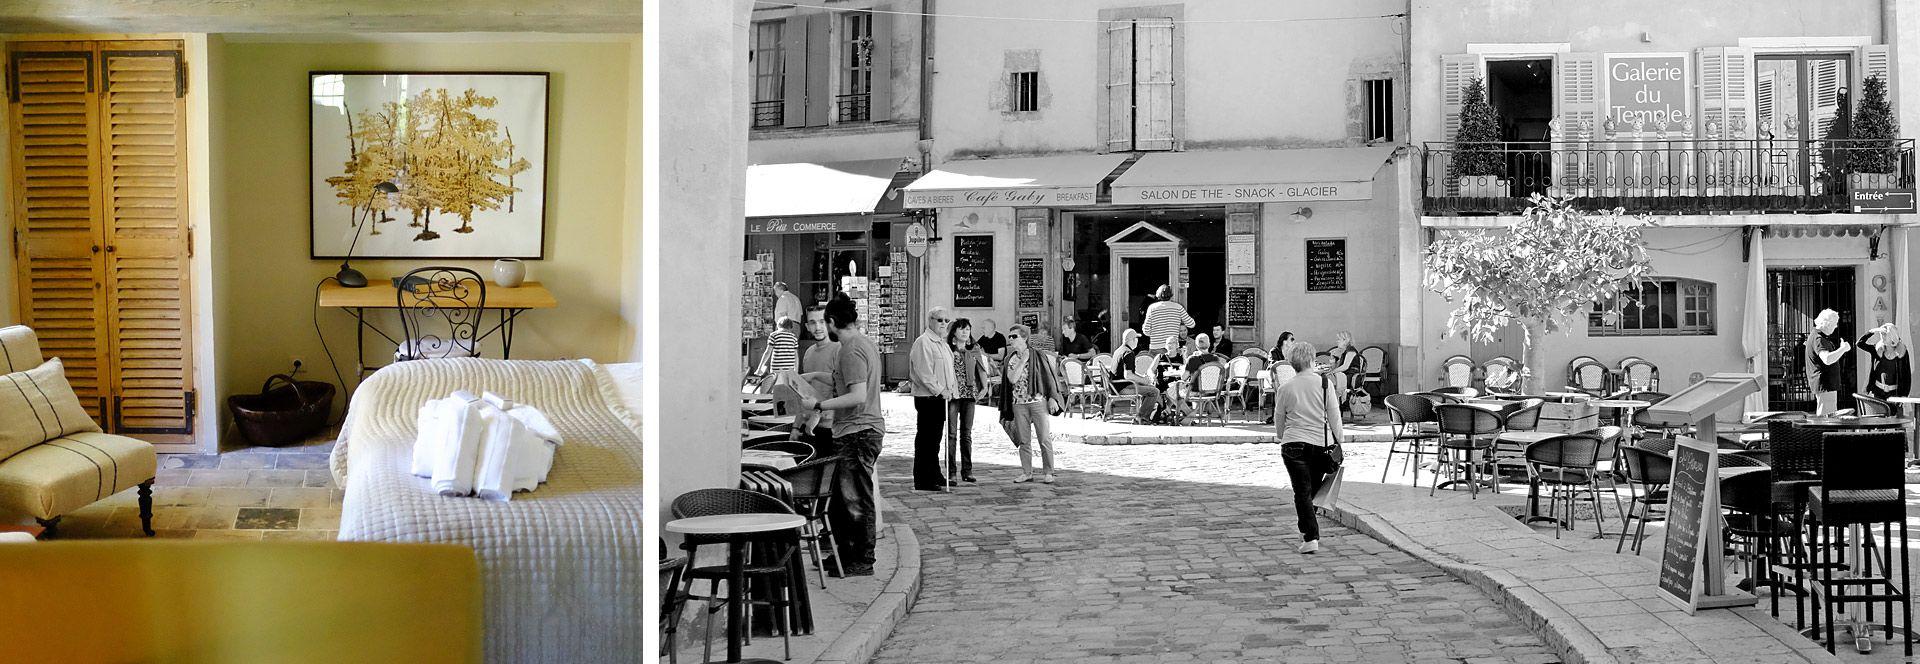 Vakantiewoning huren in Frankrijk